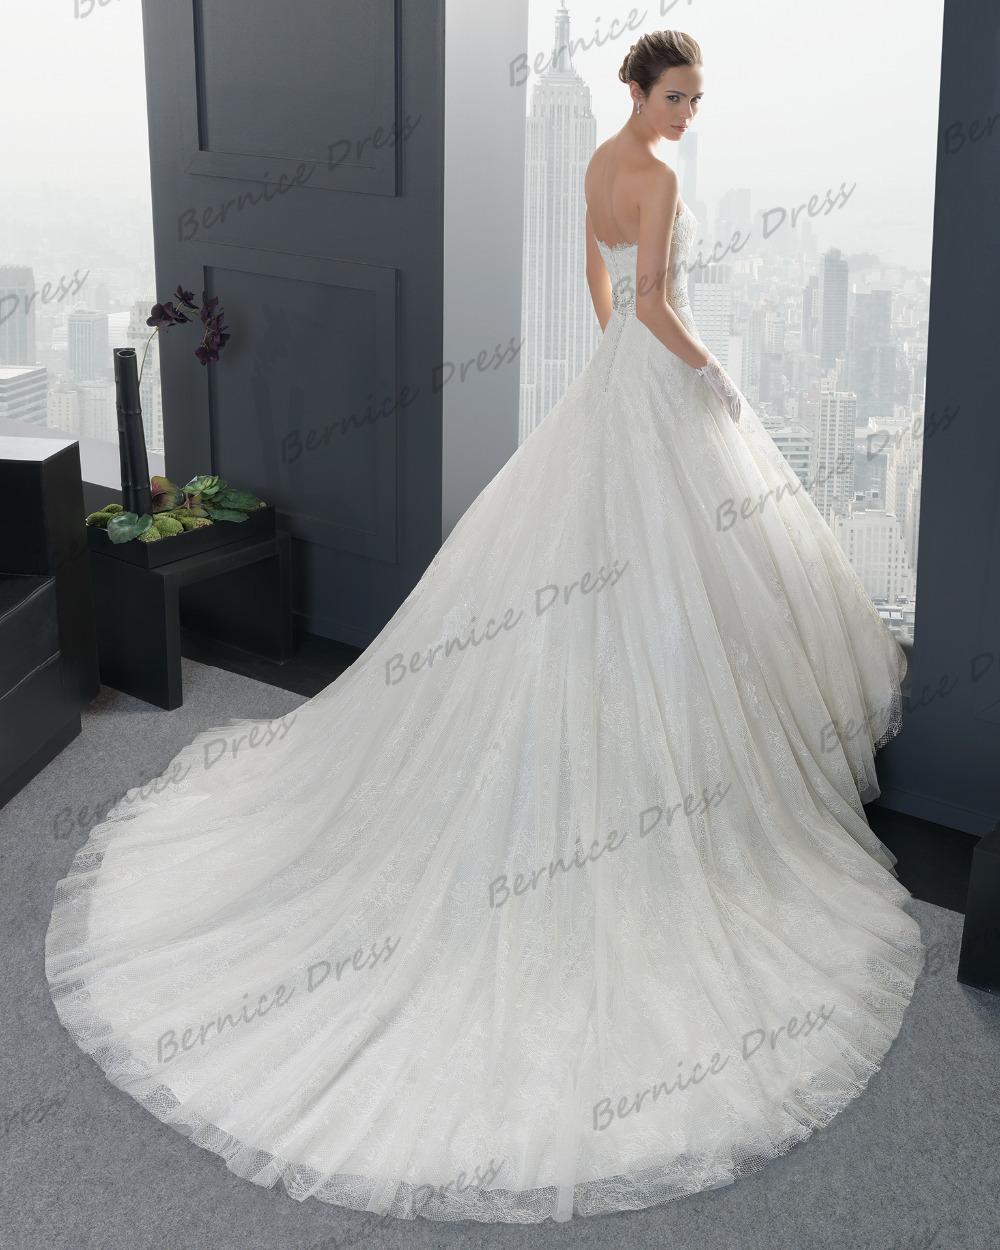 Robe De Mariee Bridal Gown Vestido Noiva Curto Lace White Polite ...